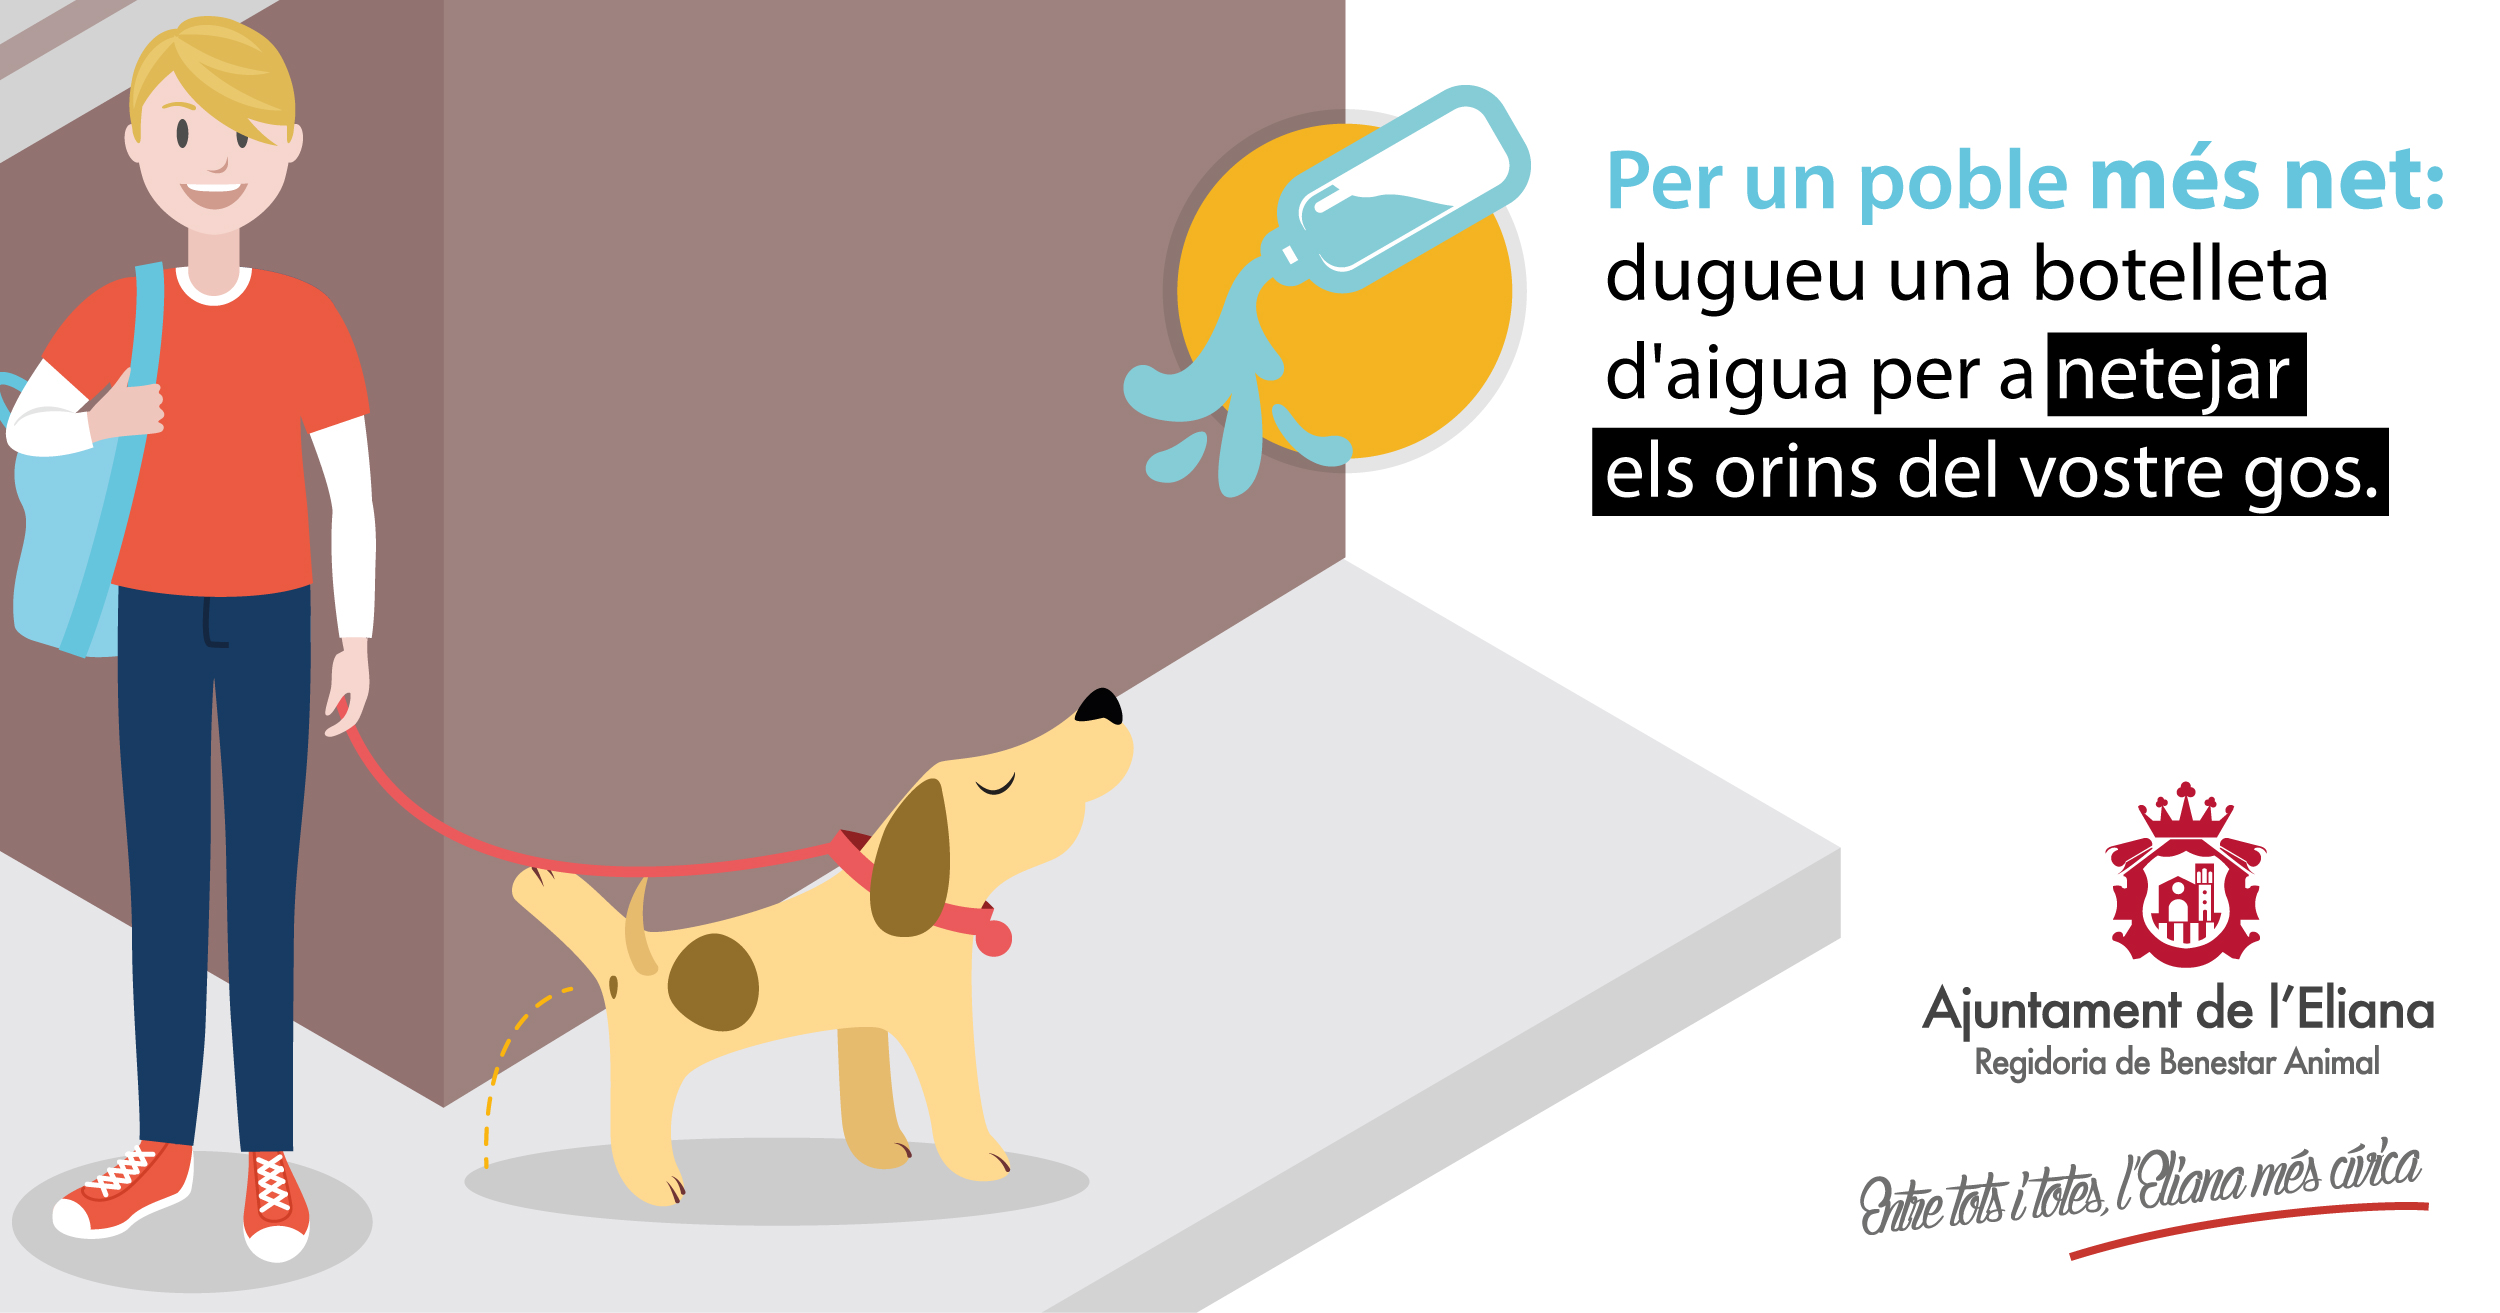 El objetivo principal de esta acción radica en eliminar los olores provocados por el orín de las mascotas.